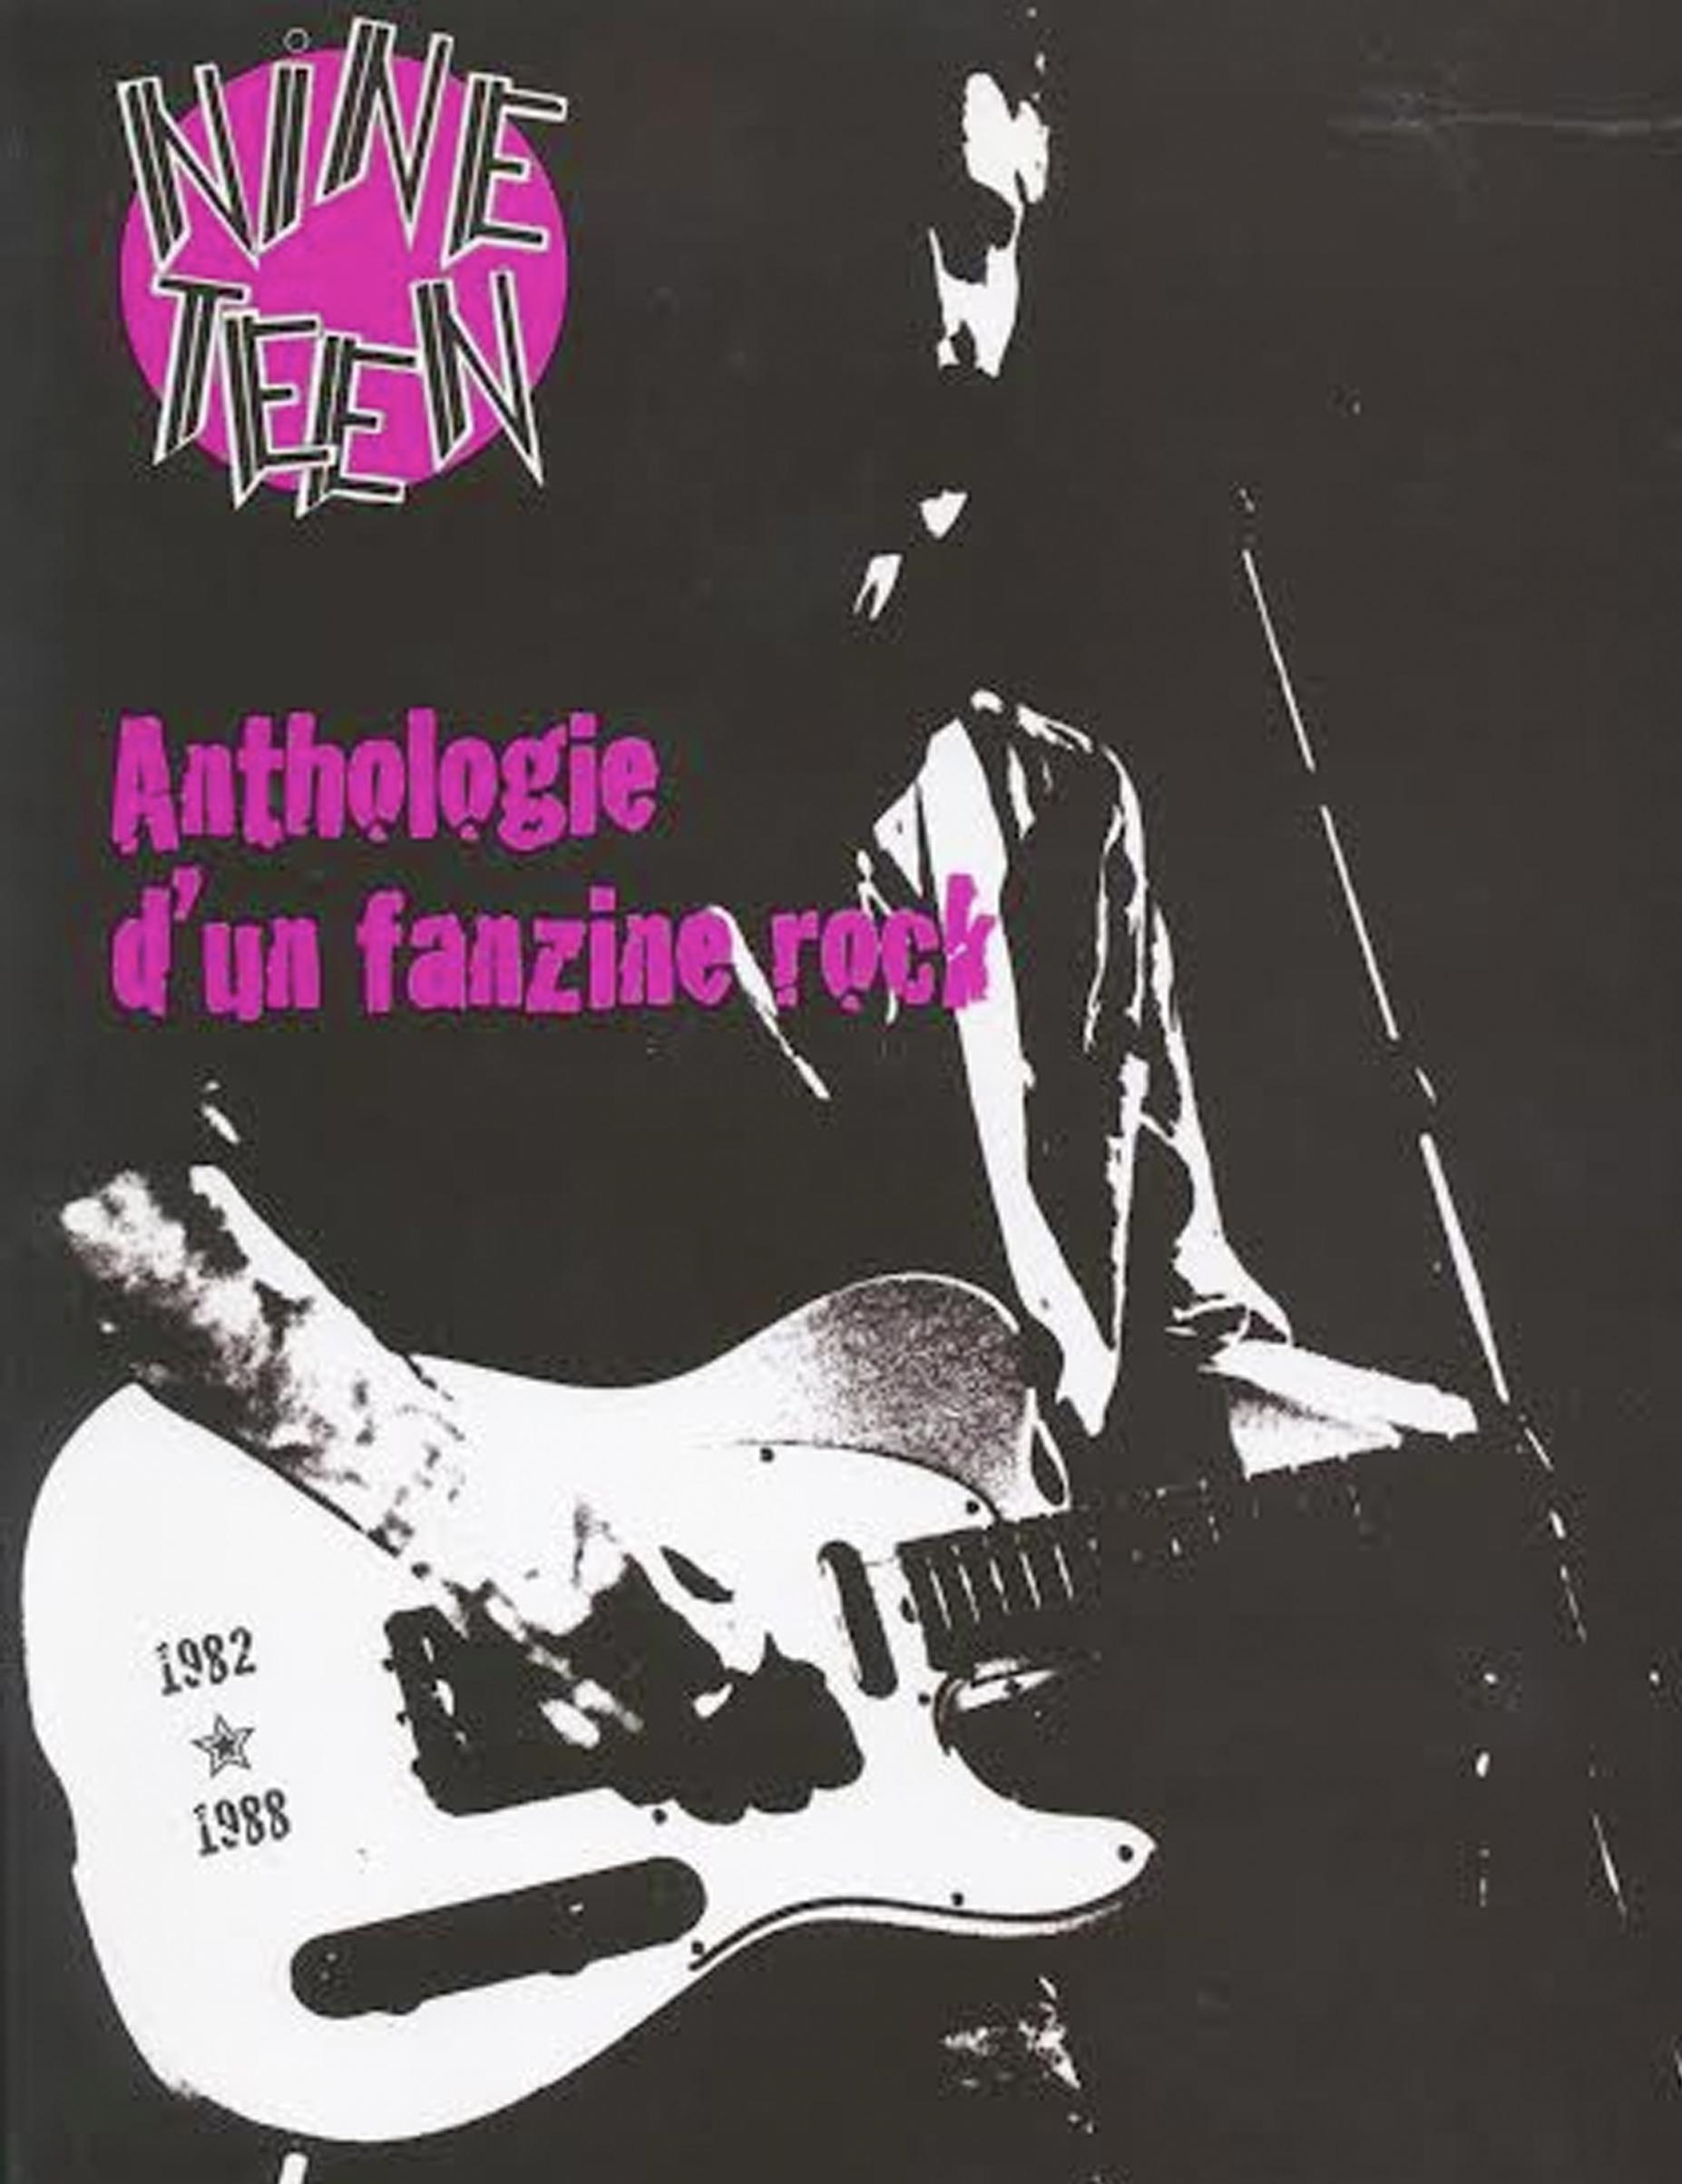 Nineteen: Anthologie d'un fanzine rock